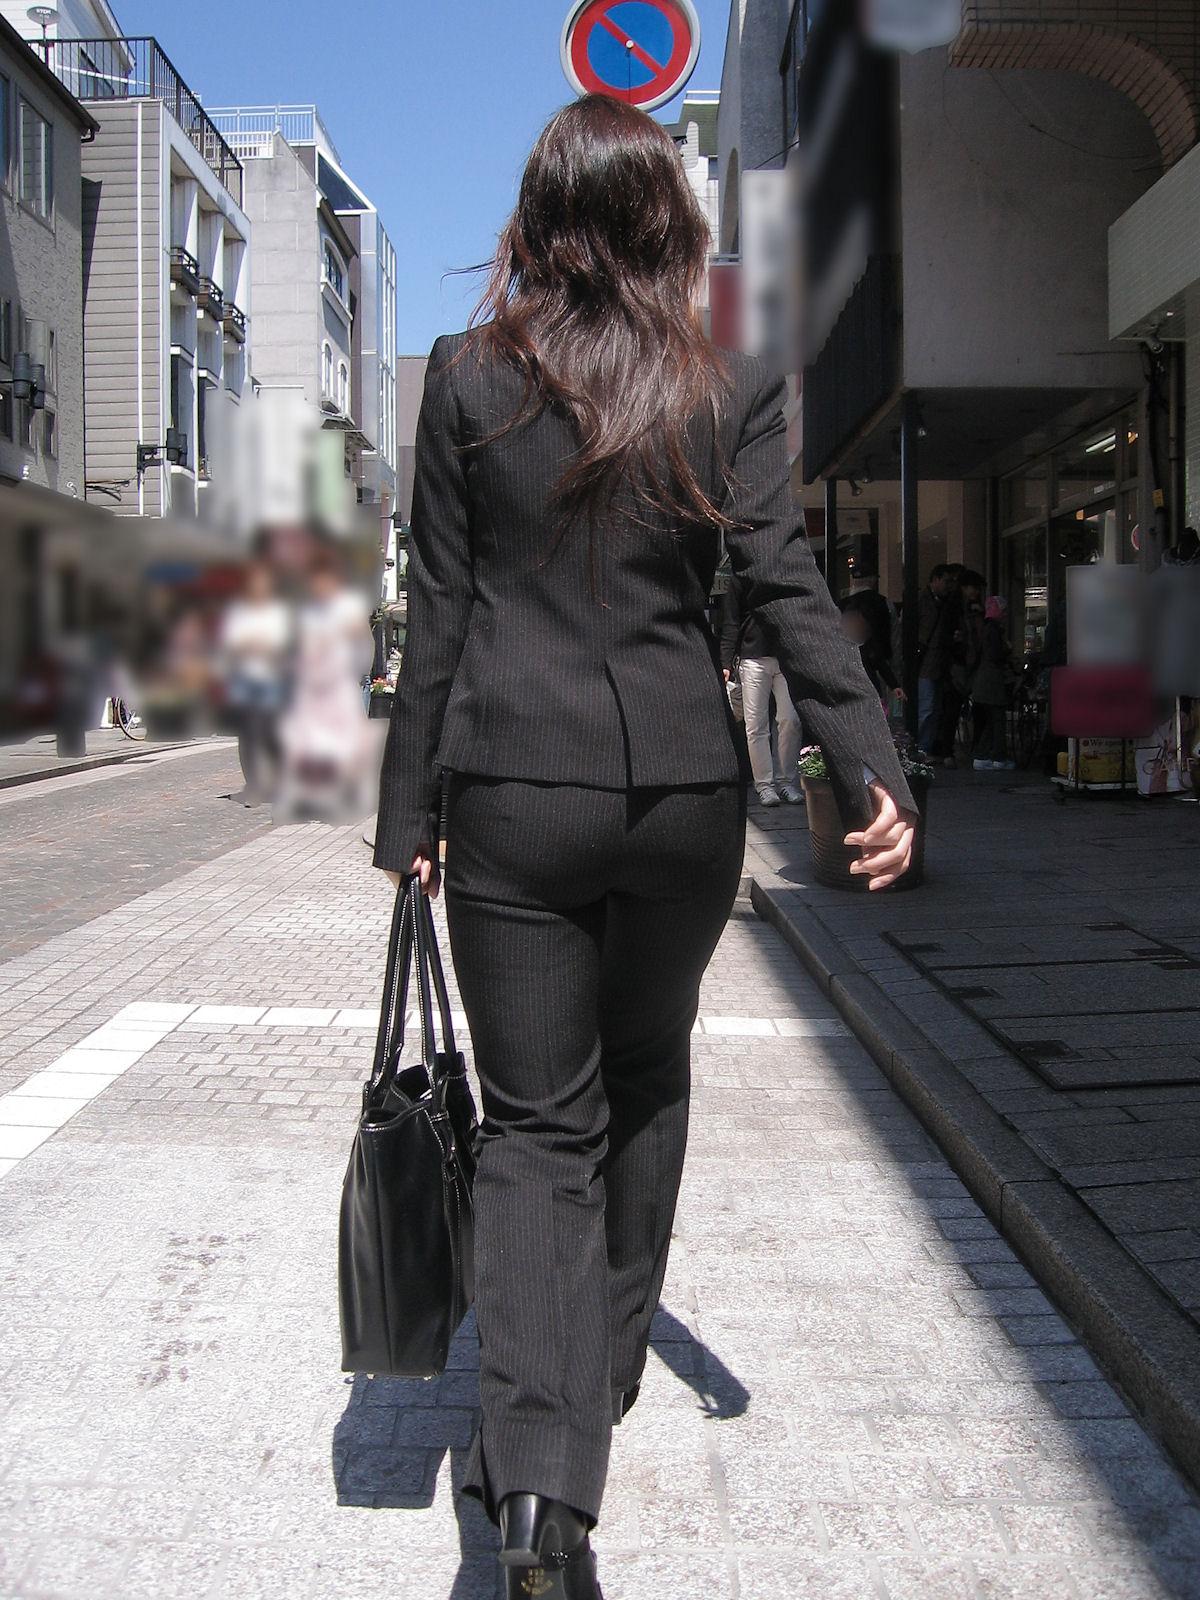 多点盗撮されたOLのスーツ姿のパンティライン画像2枚目